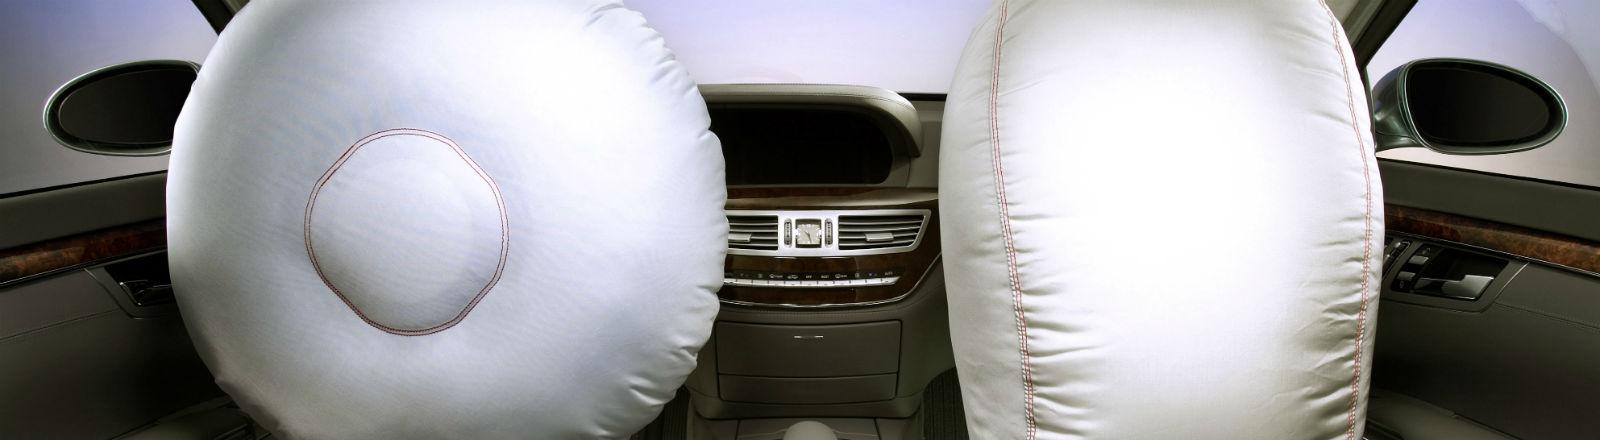 Zwei aufgepustete Airbags in einem Fahrzeug. Bild: dpa